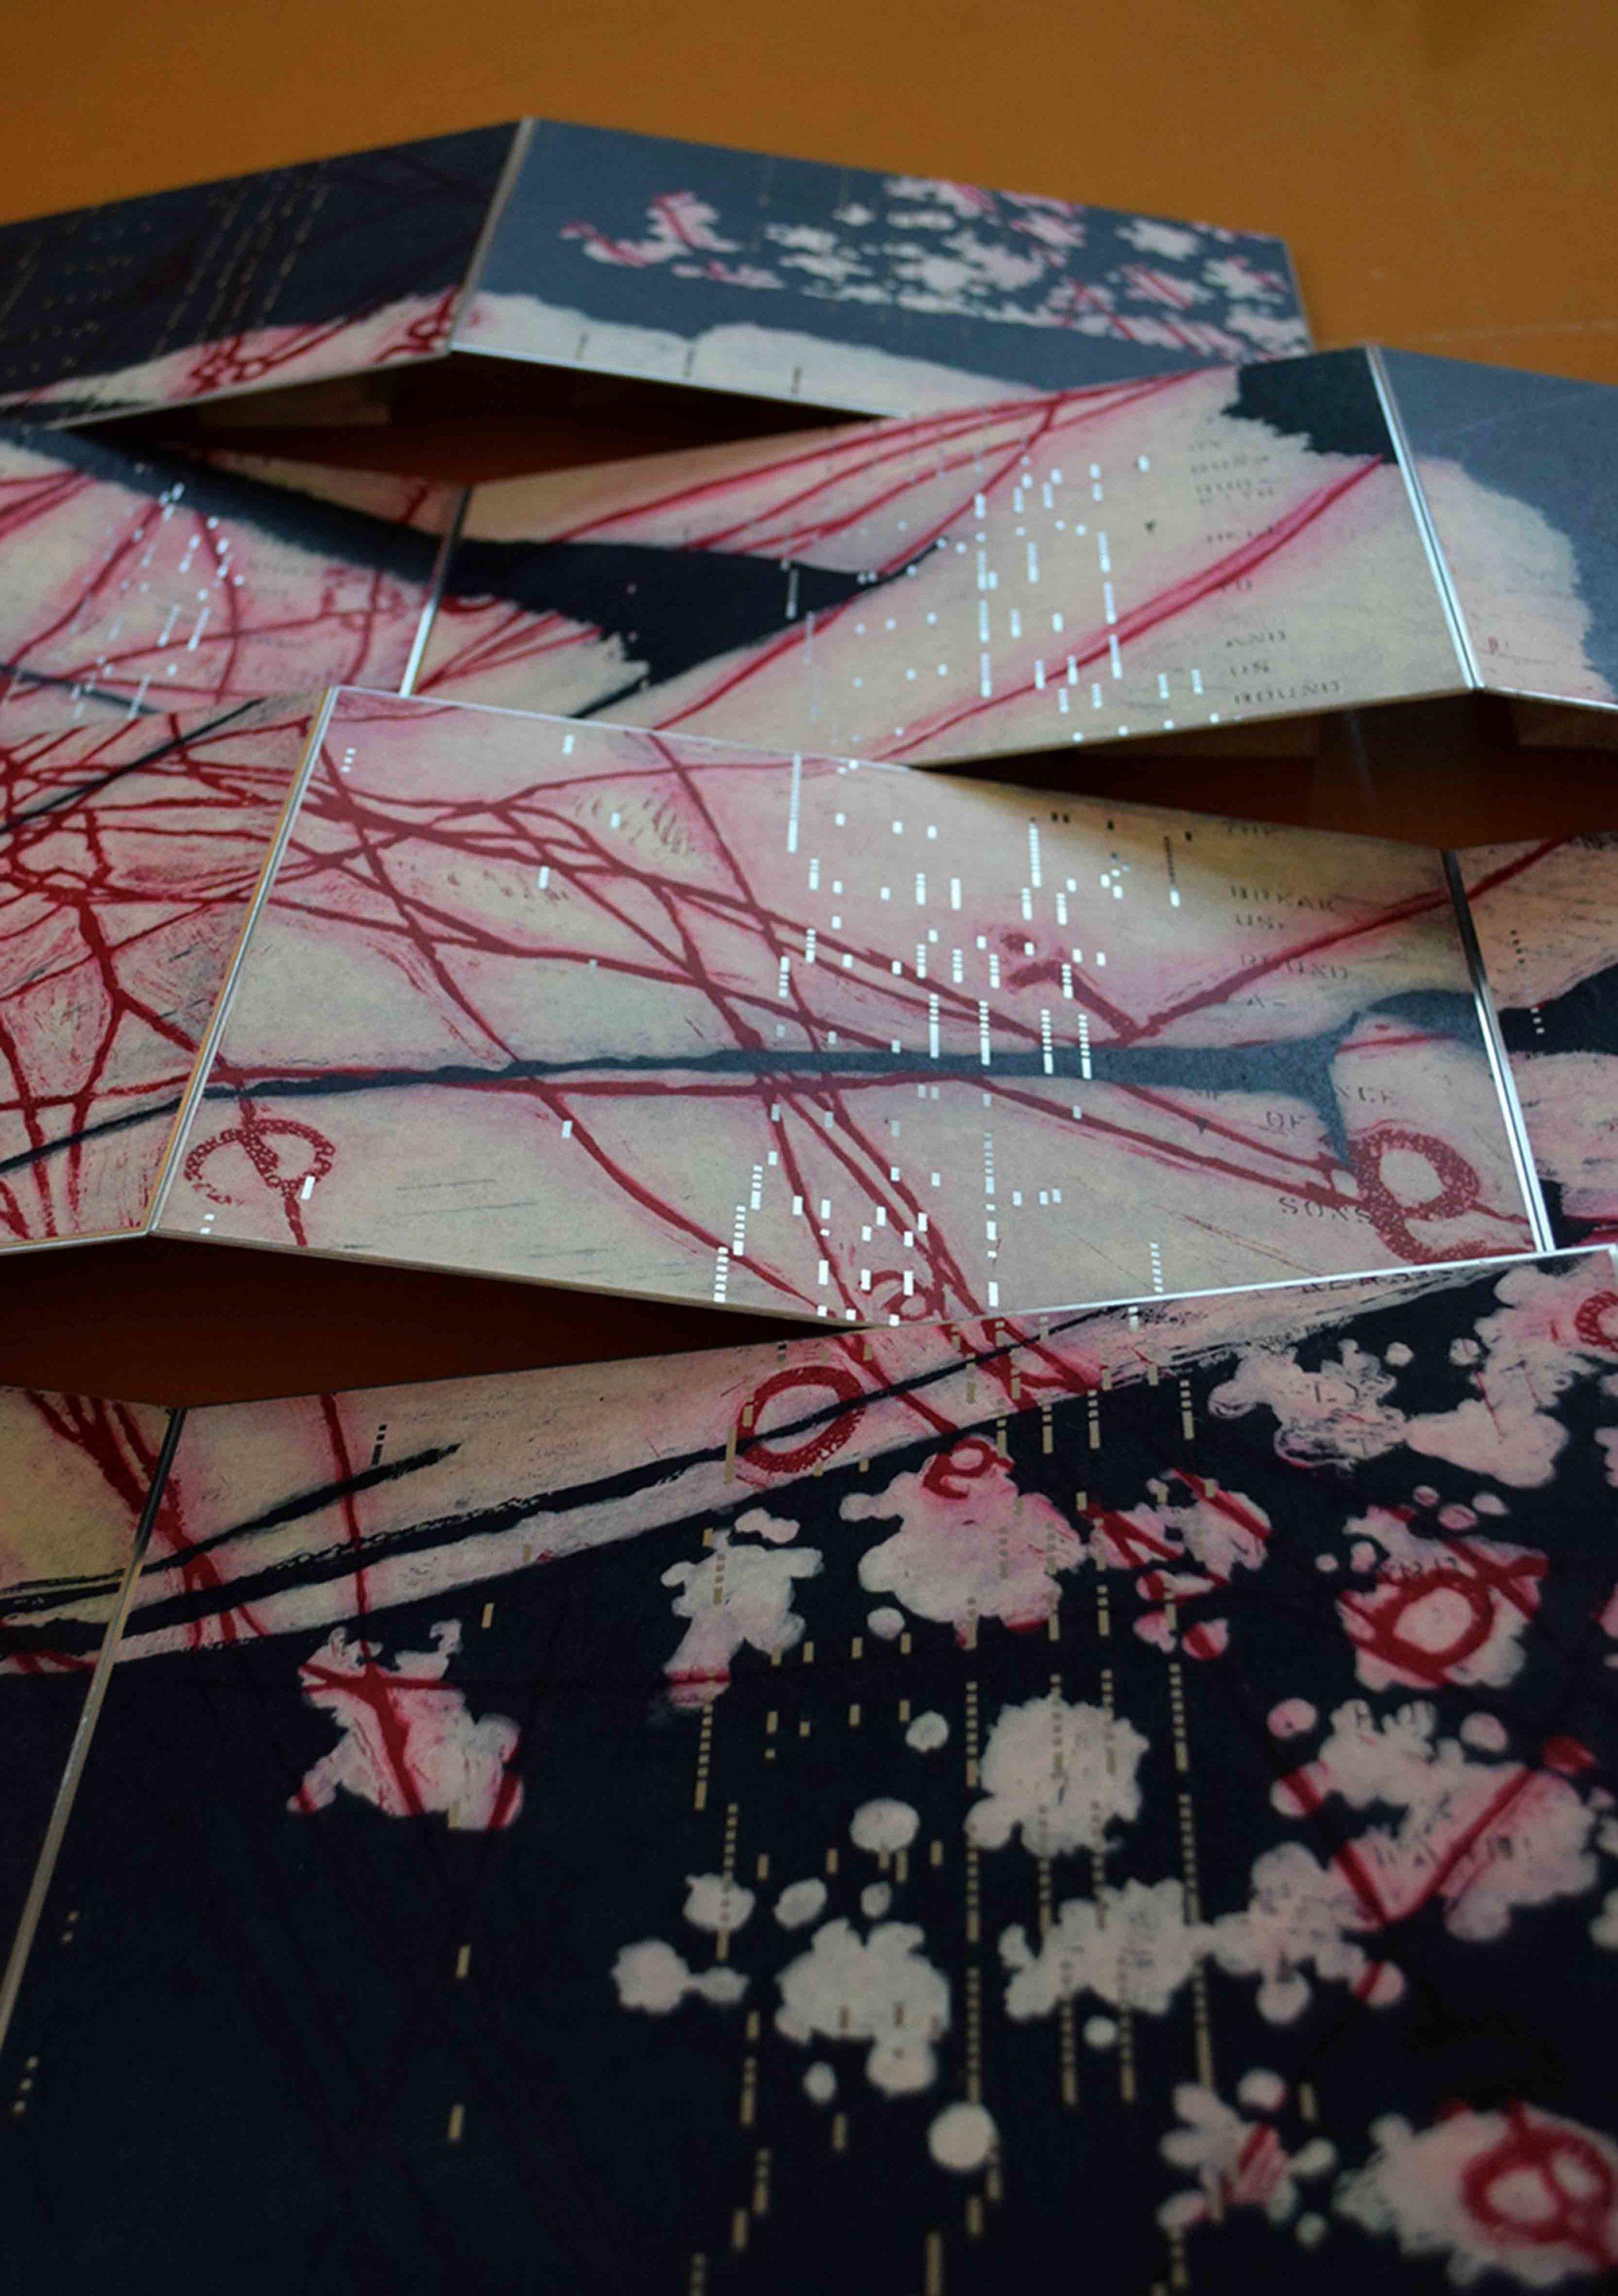 lisa-feyen-my-body-as-an-o-printmaking